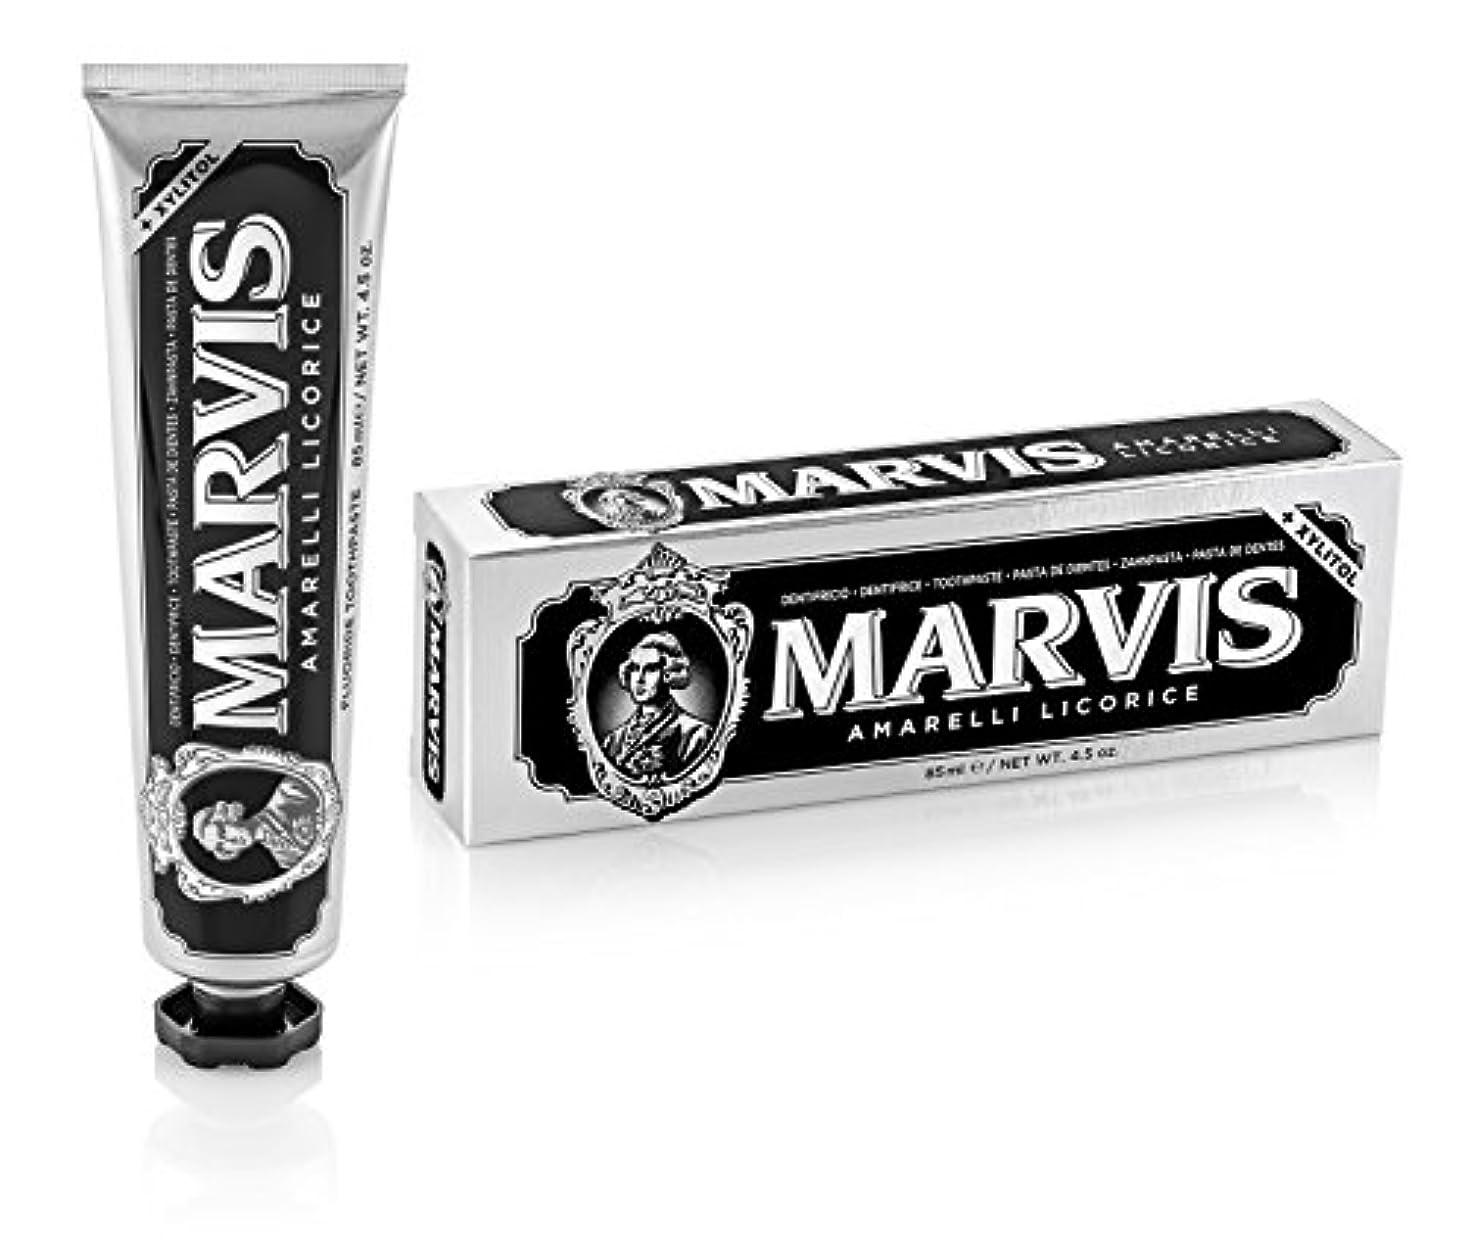 マーヴィス Amarelli Licorice Toothpaste With Xylitol 85ml/4.5oz並行輸入品